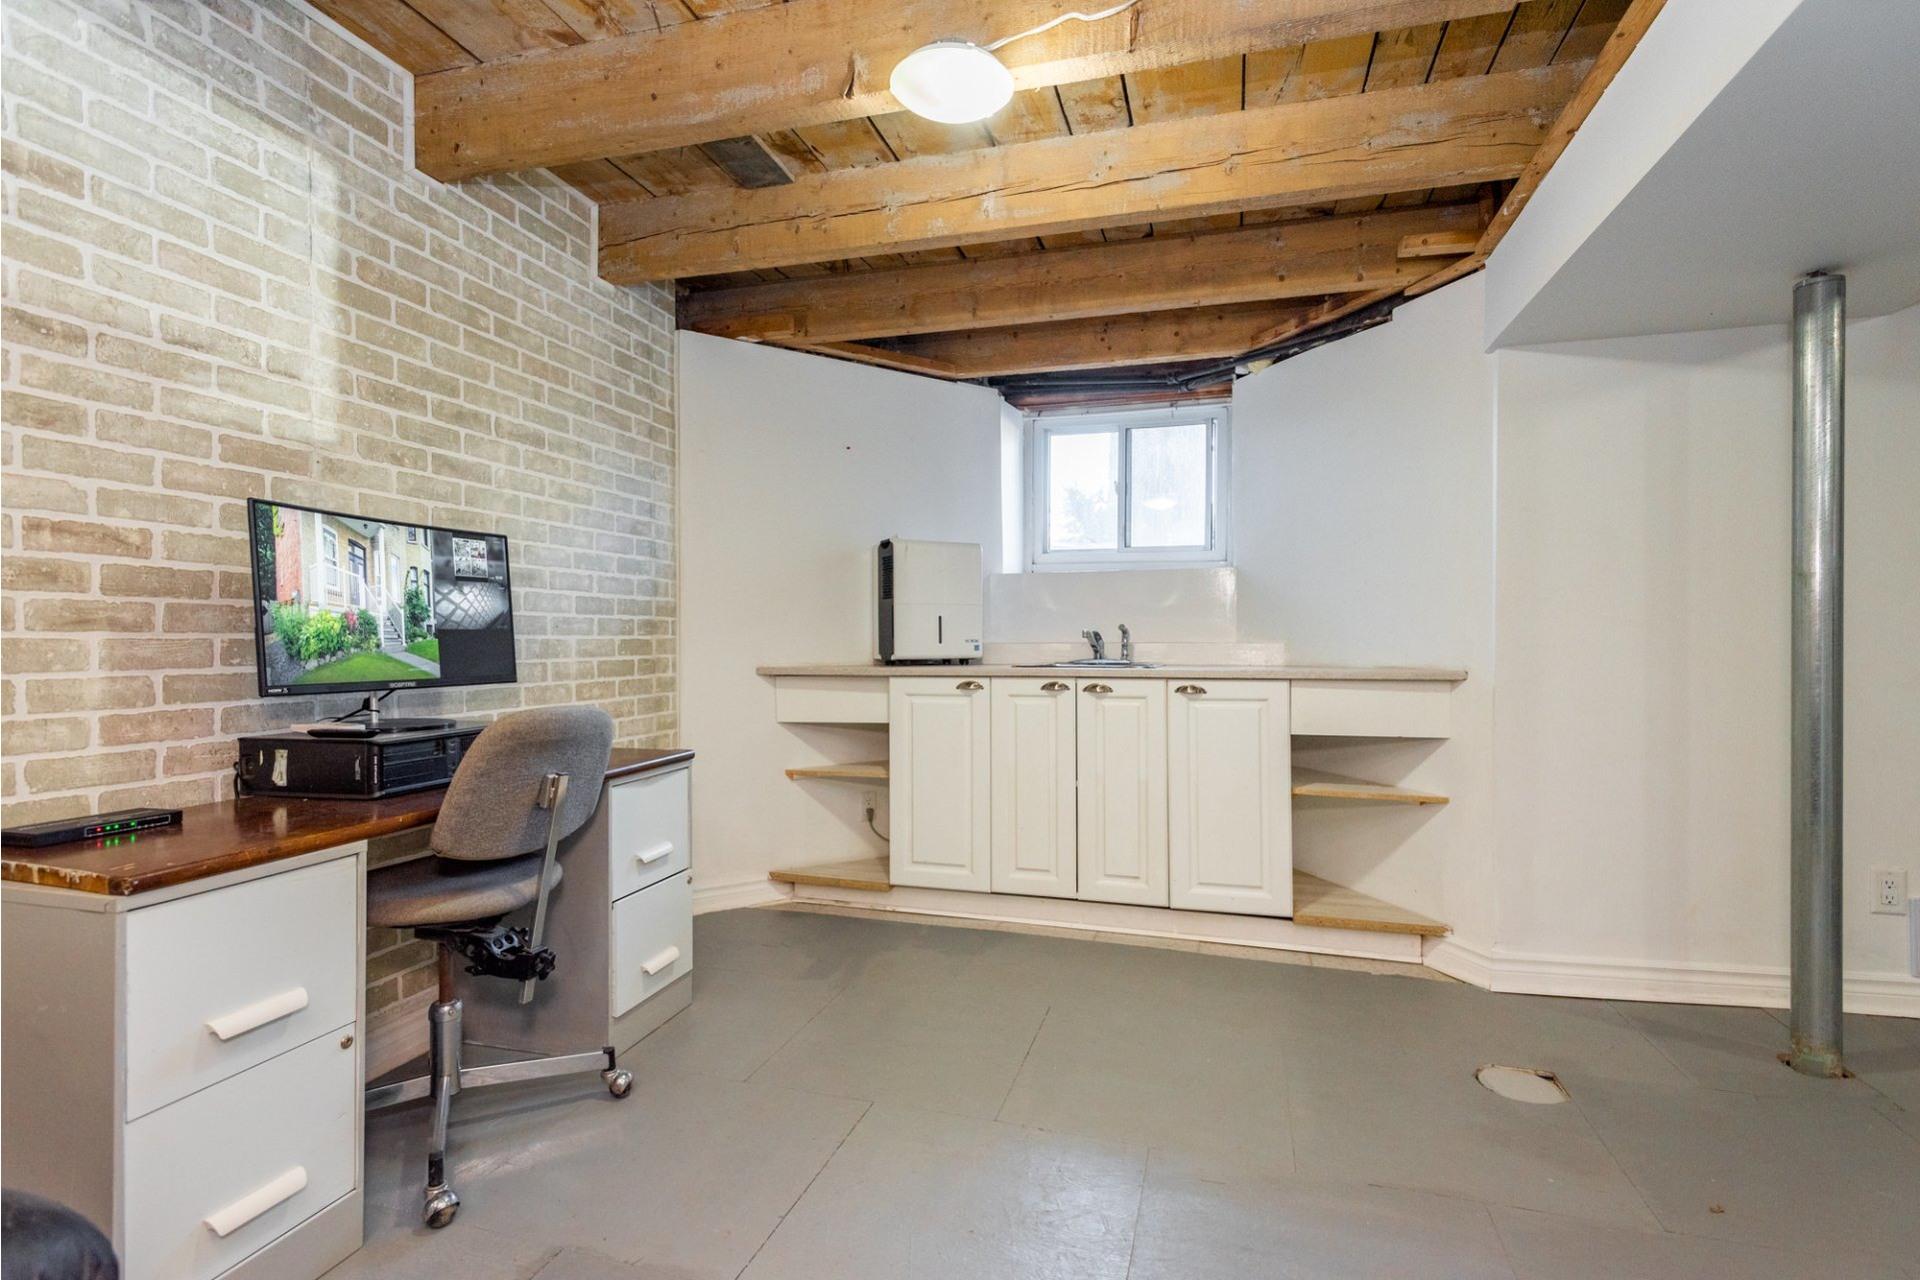 image 35 - Maison À vendre Côte-des-Neiges/Notre-Dame-de-Grâce Montréal  - 8 pièces